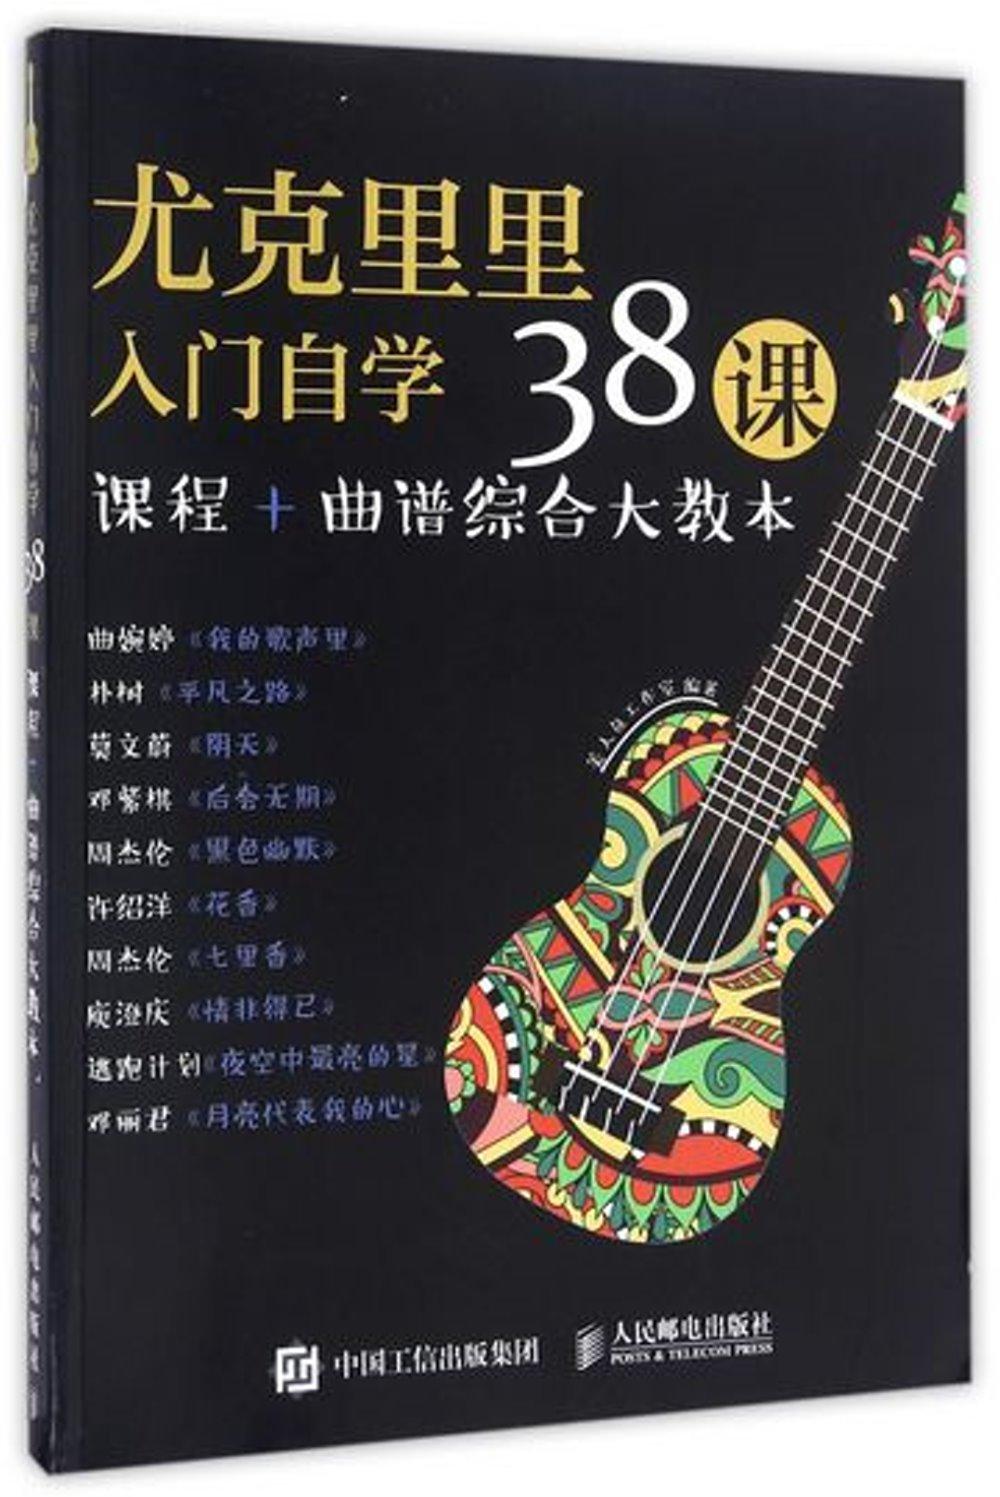 尤克里里入門自學38課:課程+曲譜綜合大教本